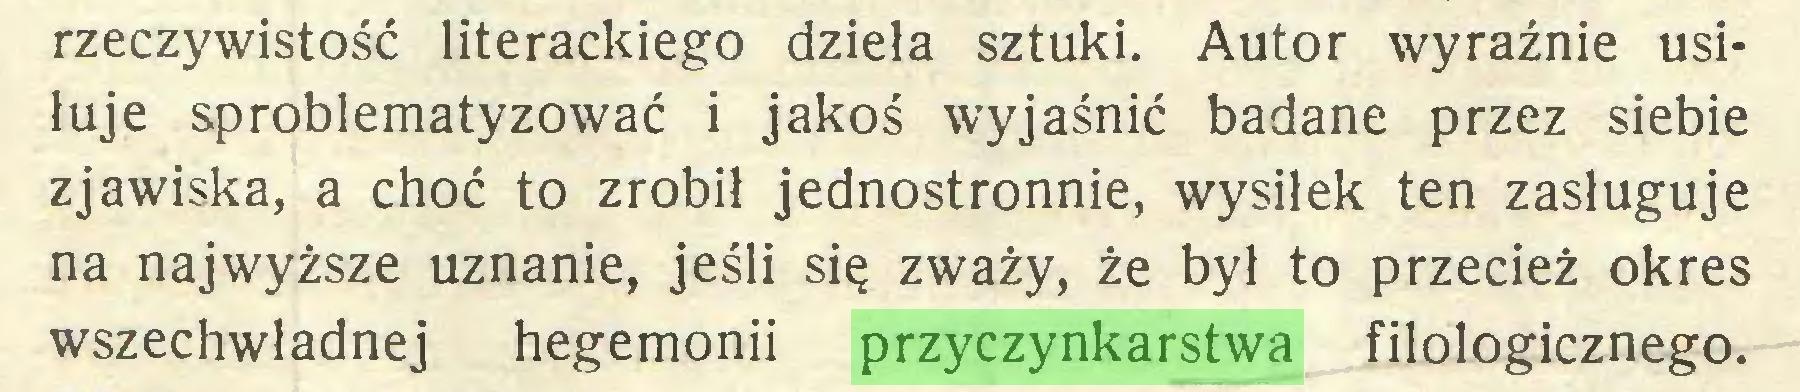 (...) rzeczywistość literackiego dzieła sztuki. Autor wyraźnie usiłuje sproblematyzować i jakoś wyjaśnić badane przez siebie zjawiska, a choć to zrobił jednostronnie, wysiłek ten zasługuje na najwyższe uznanie, jeśli się zważy, że był to przecież okres wszechwładnej hegemonii przyczynkarstwa filologicznego...